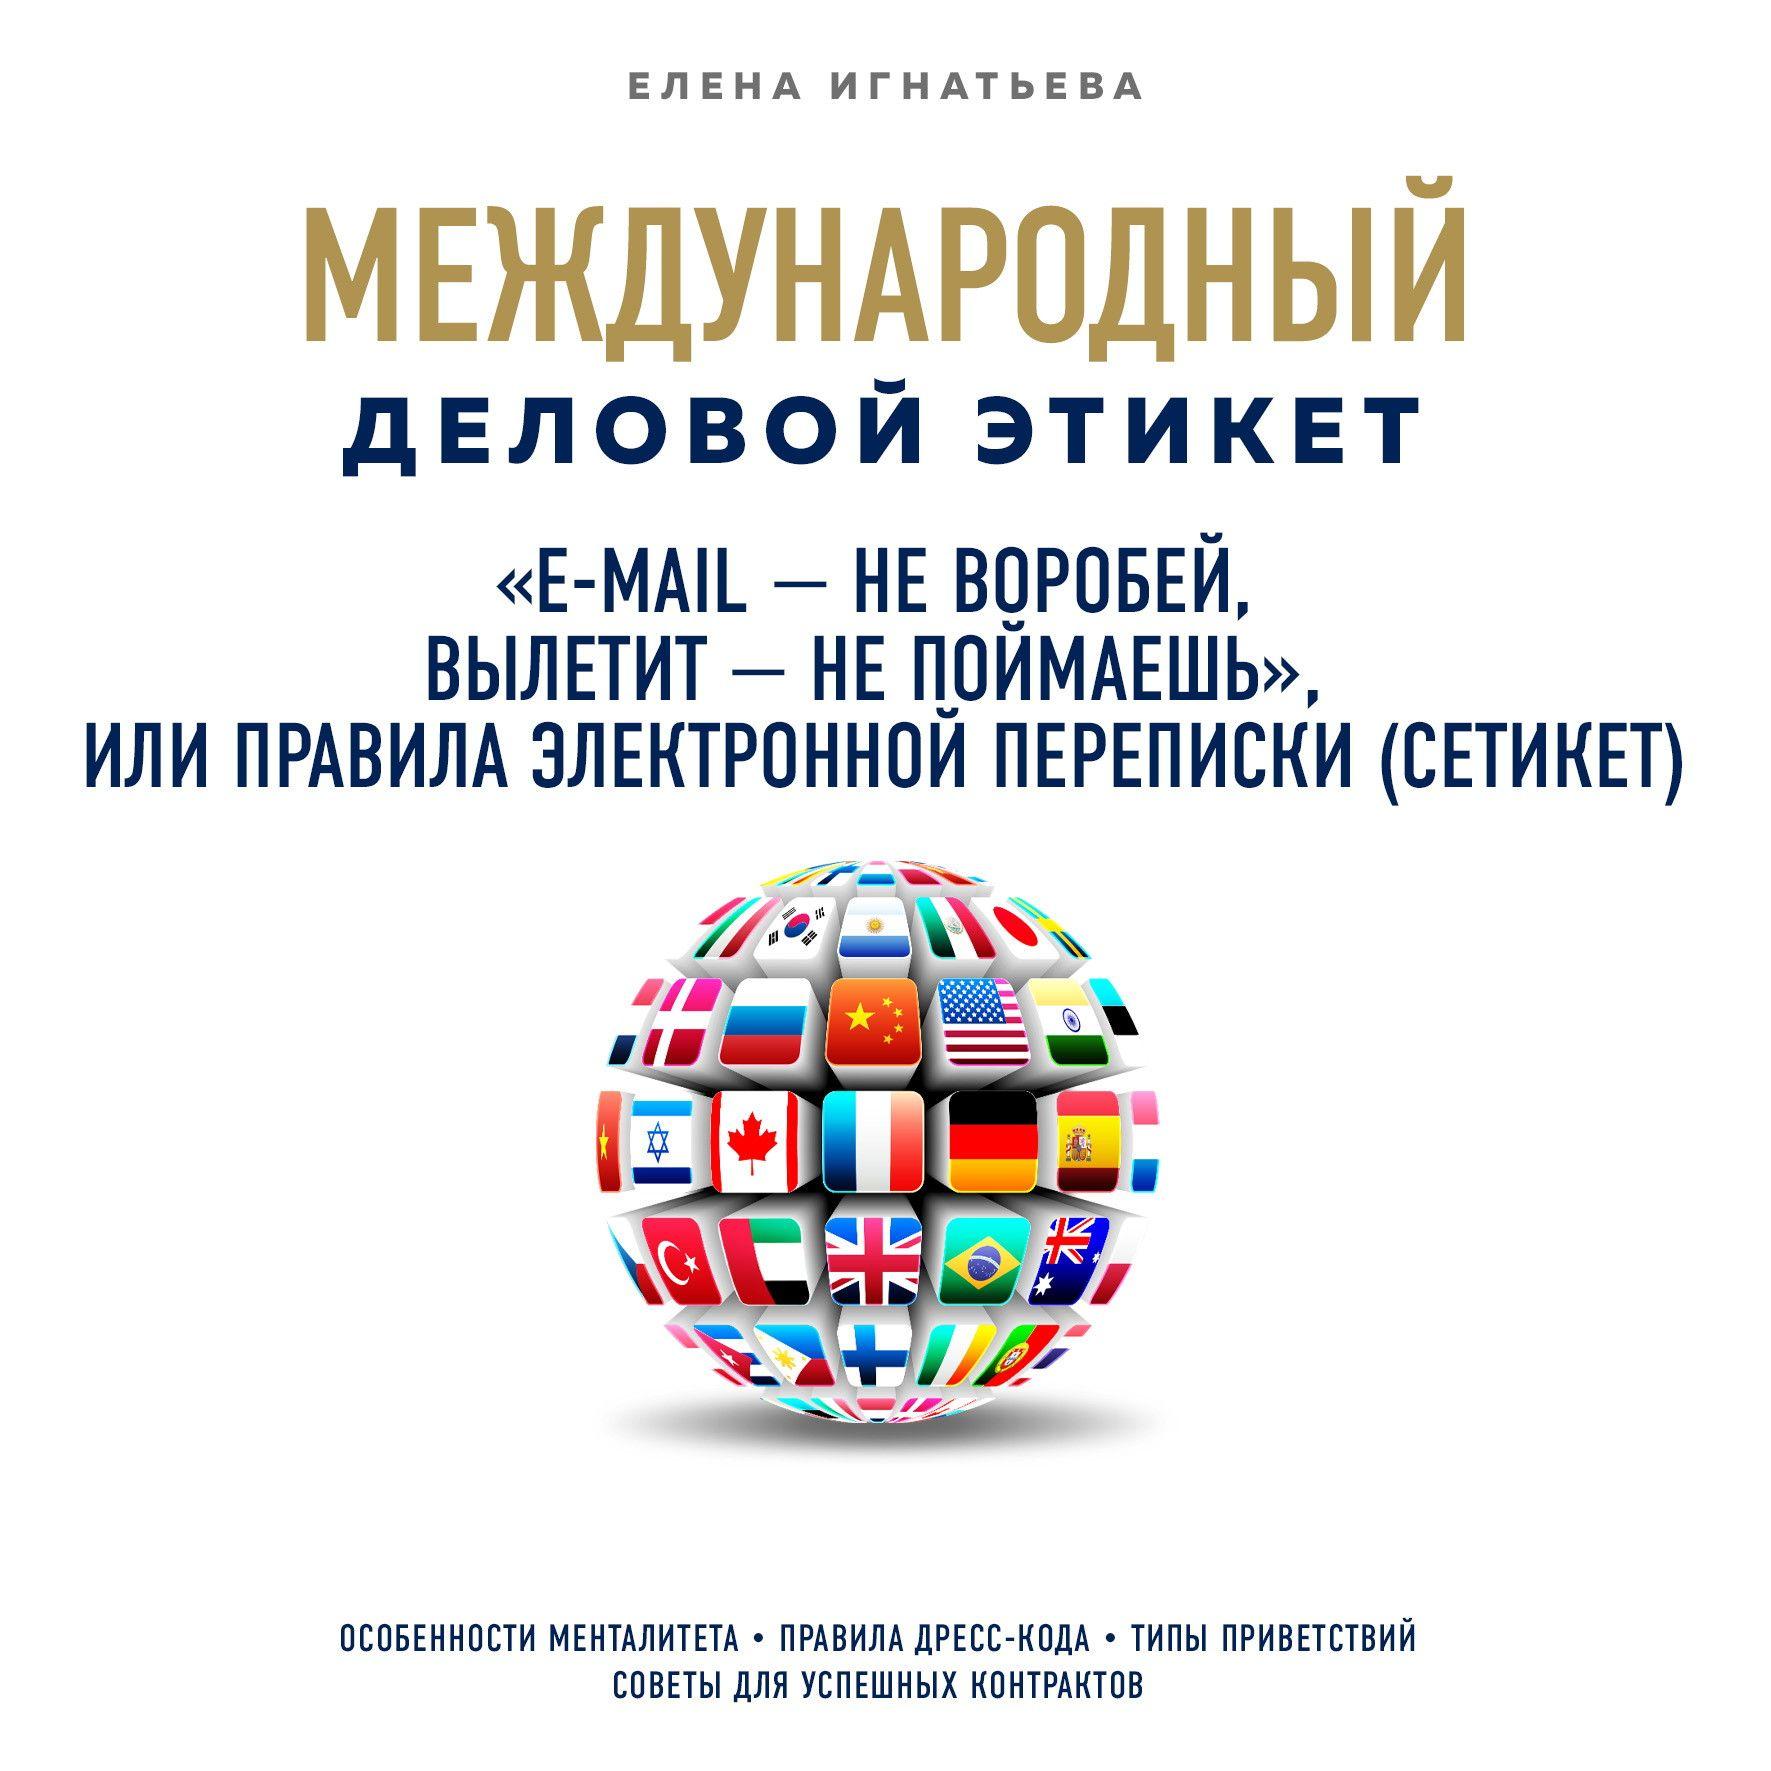 Купить книгу «E-mail – не воробей, вылетит – не поймаешь», или Правила электронной переписки (сетикет), автора Елены Сергеевны Игнатьевой